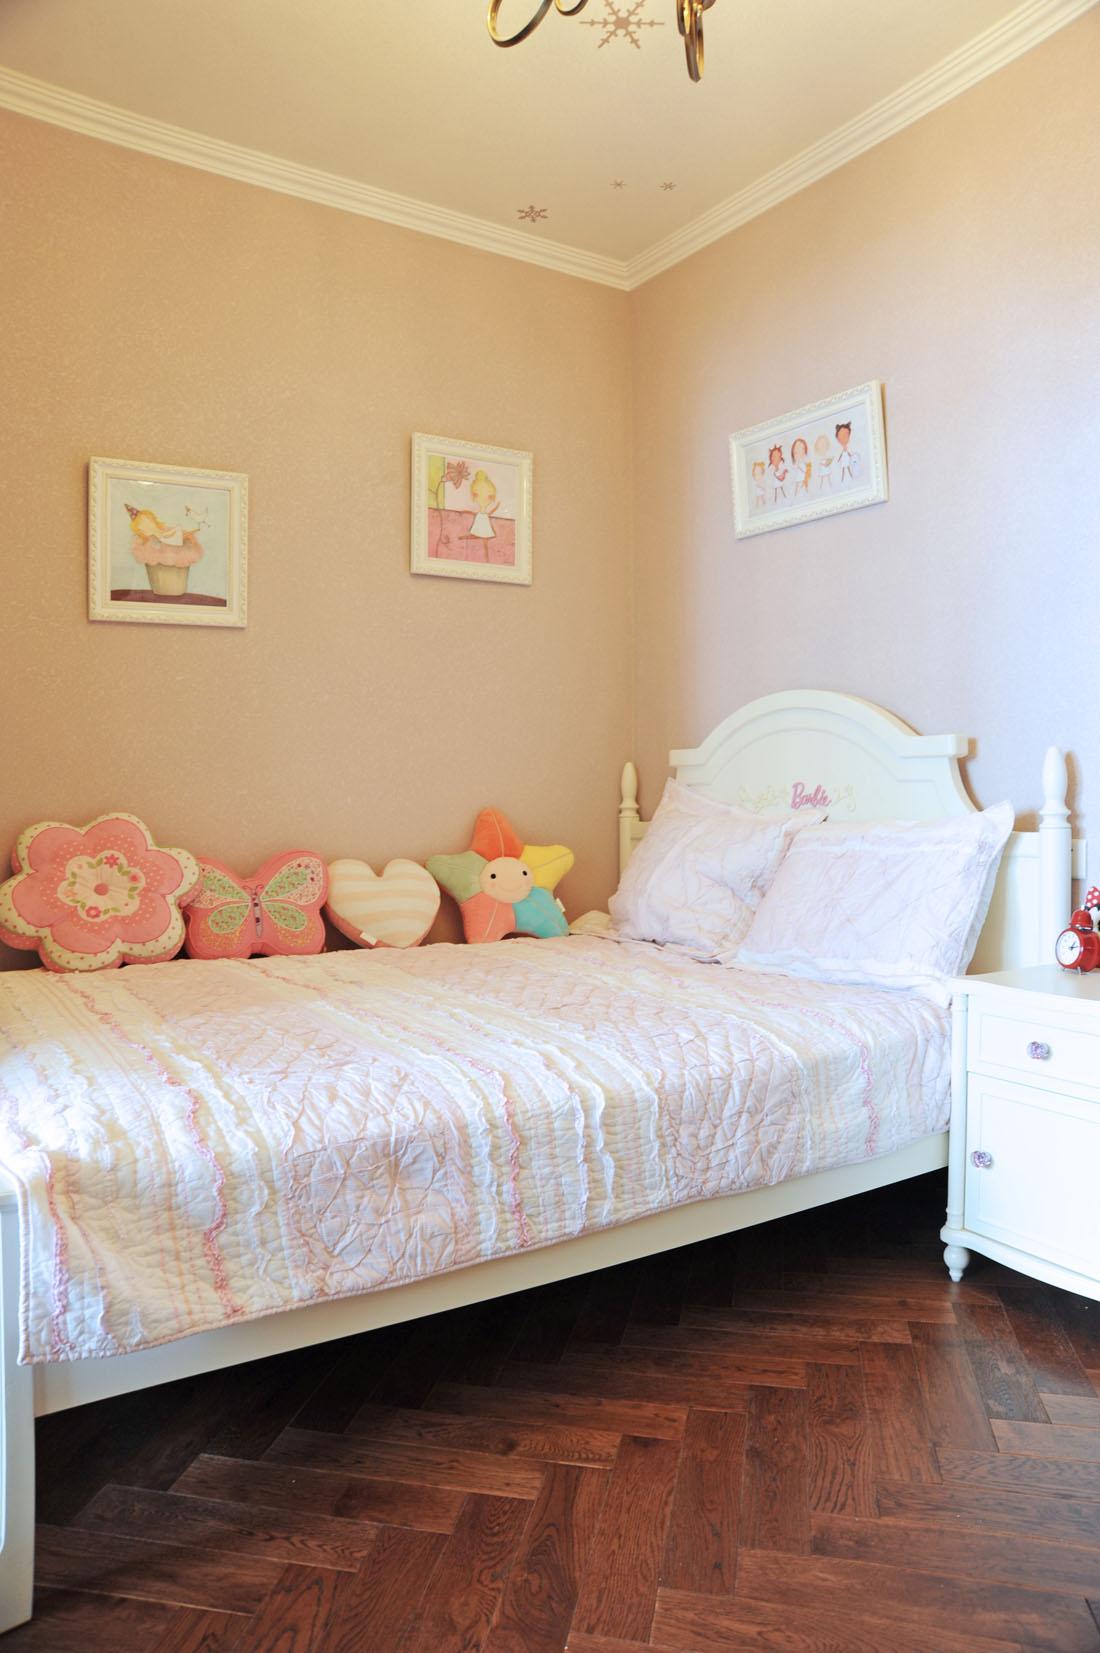 三居 美式 儿童房图片来自徐春龙设计师在美丽传说的分享